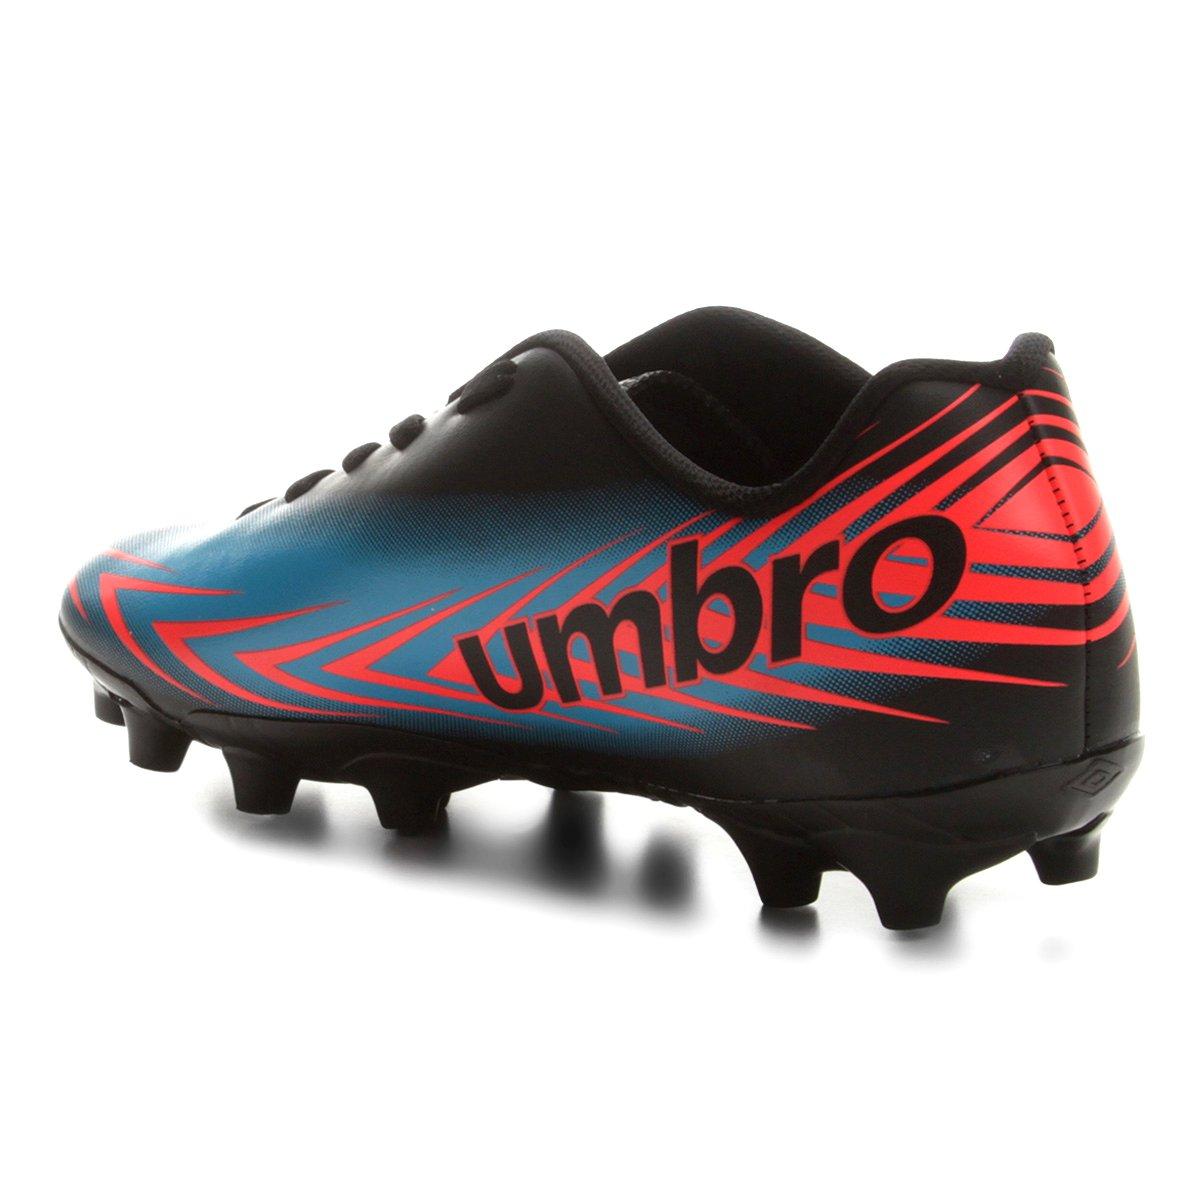 Chuteira Campo Umbro Speed III - Preto e Azul - Compre Agora  6c73cd1d6cdf5